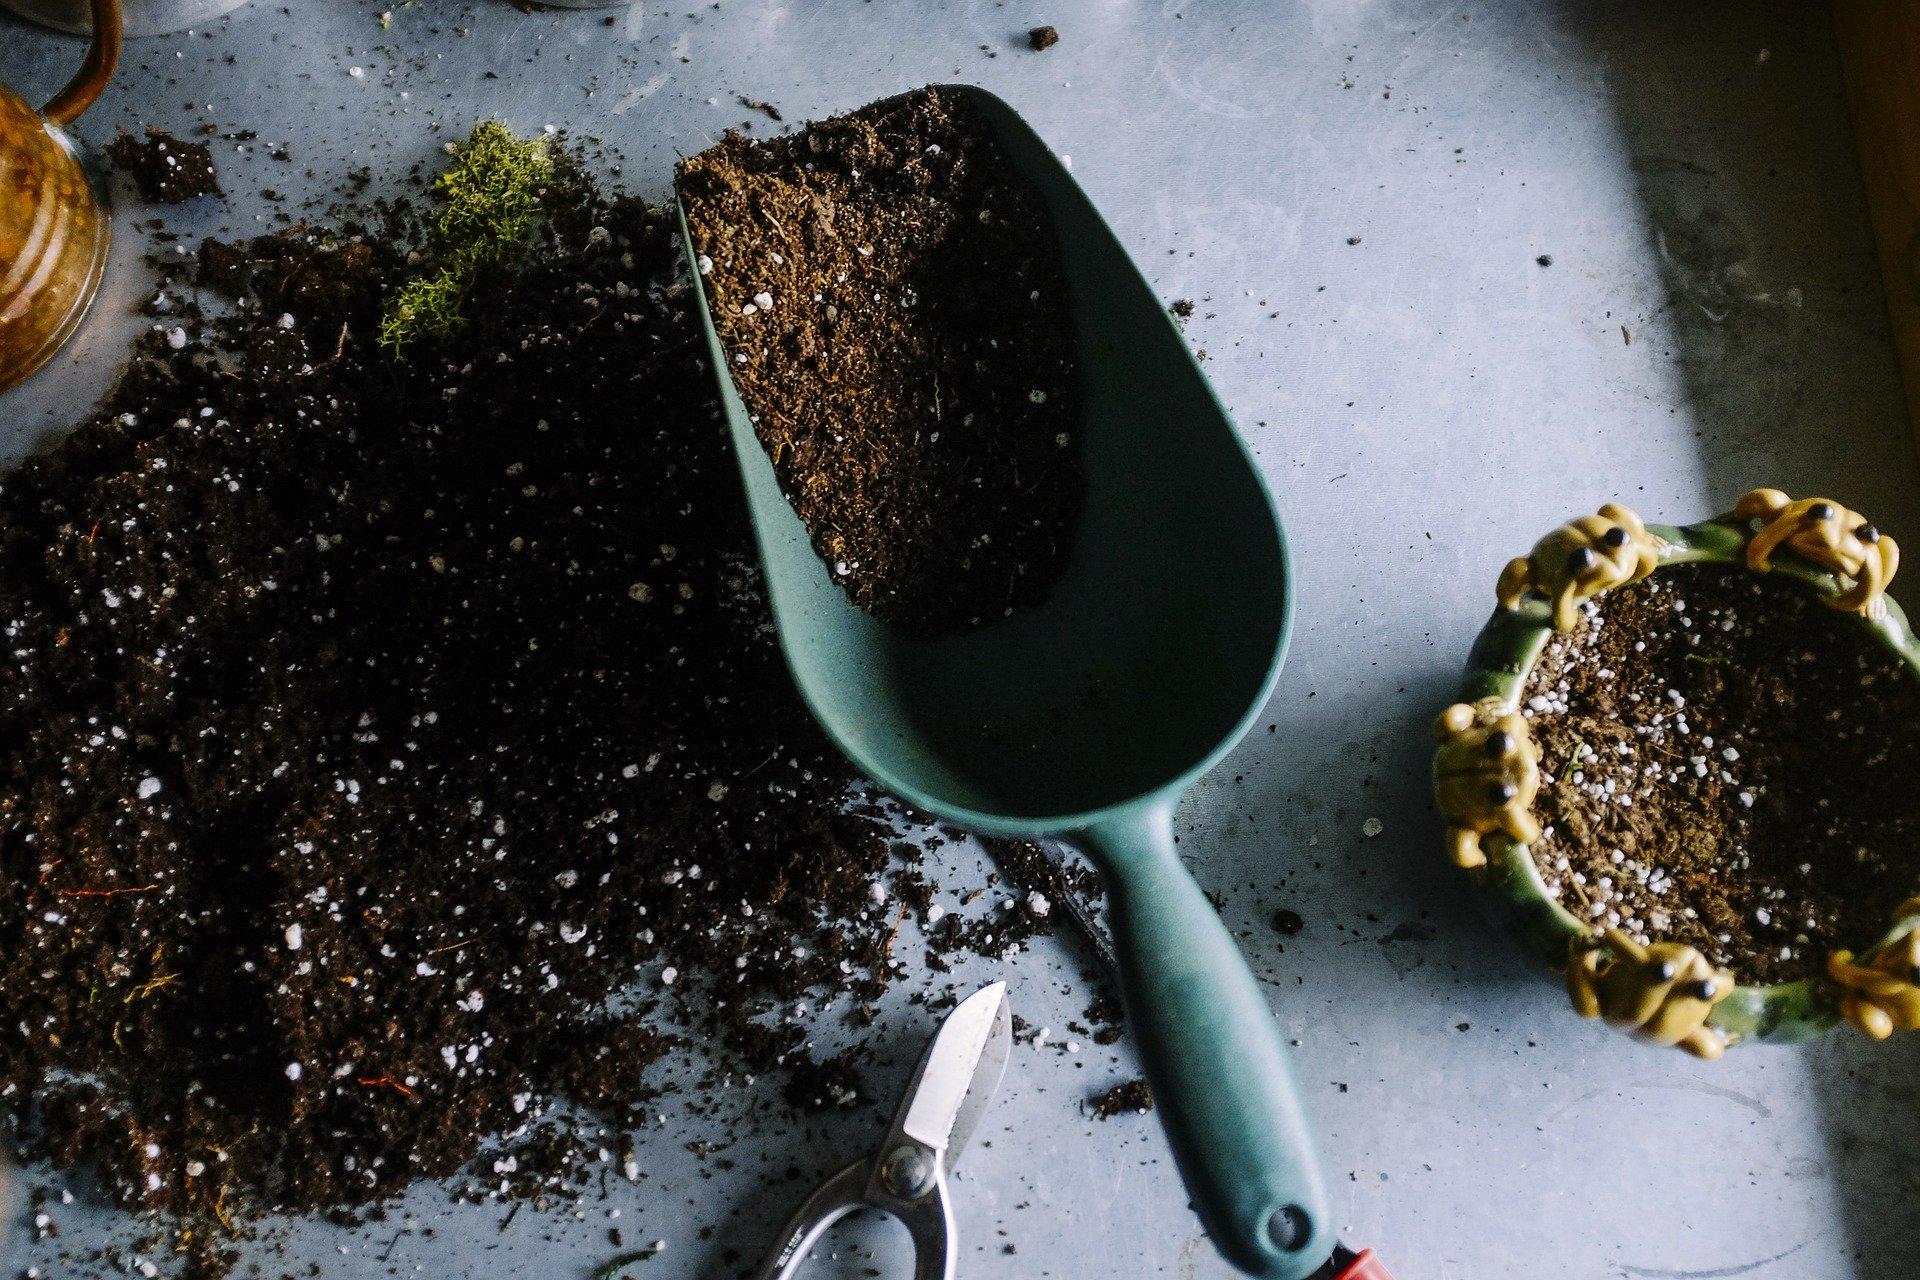 shovelling-garden-soil